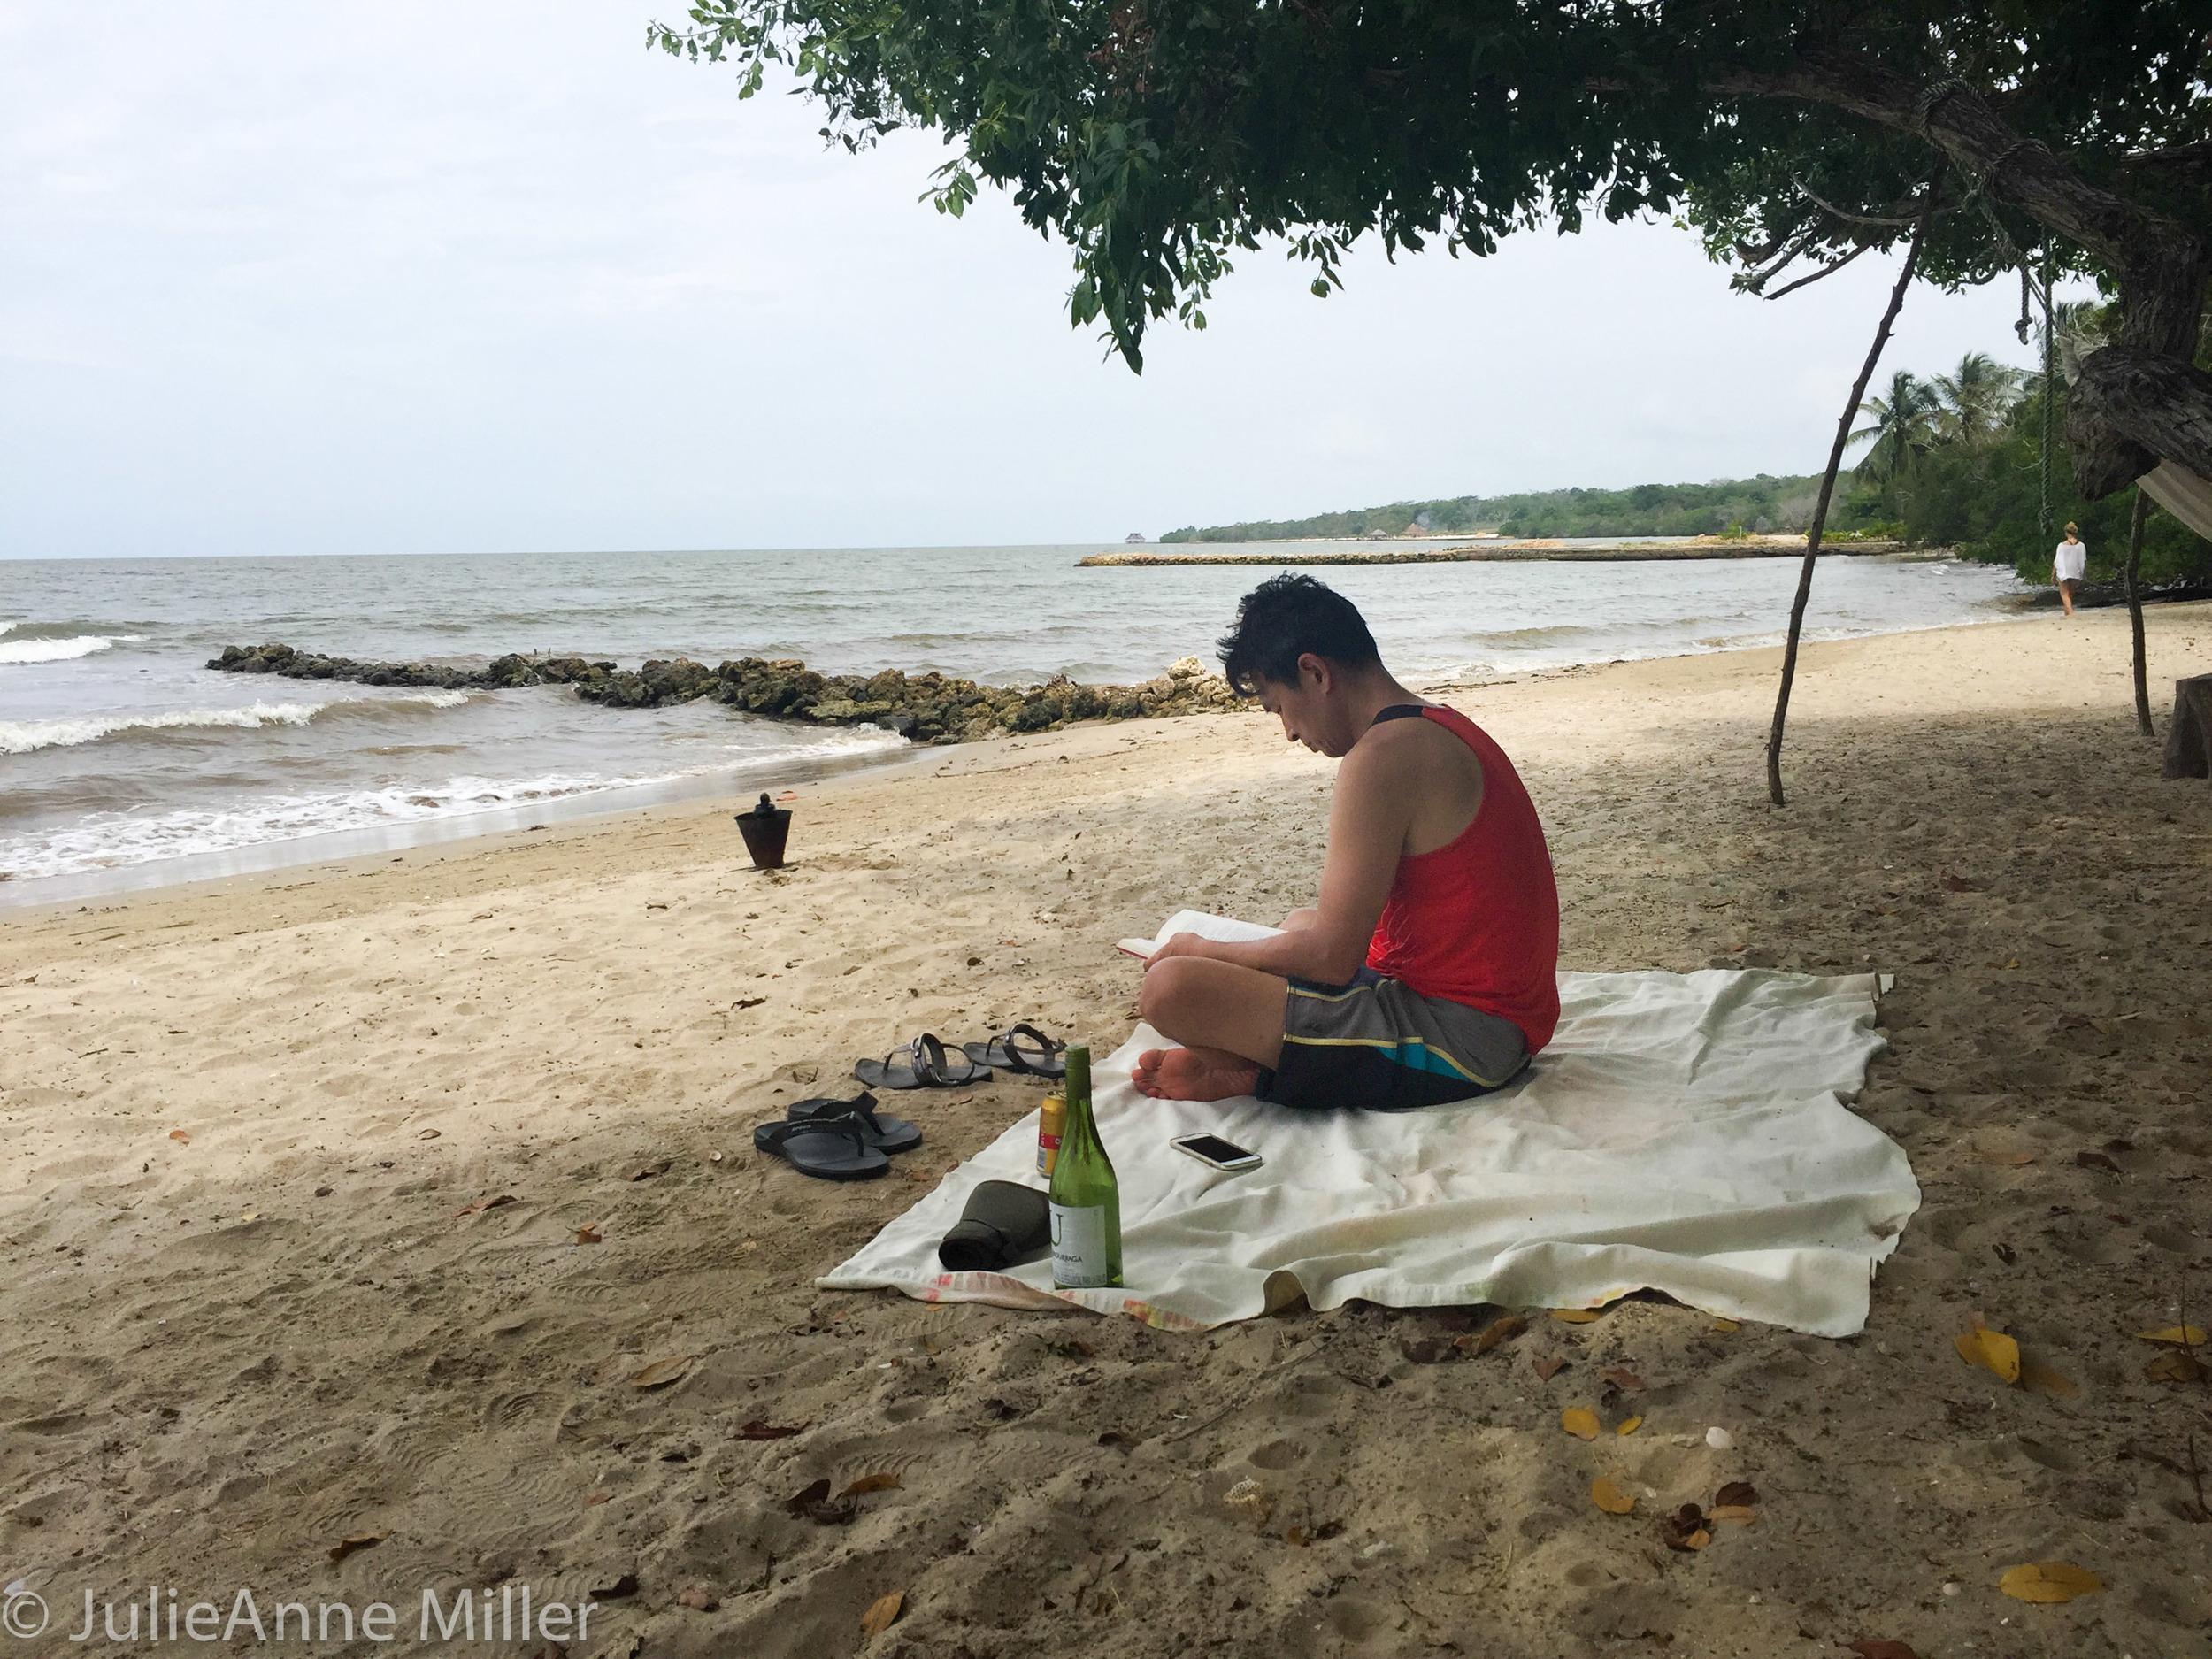 caffrey on beach at hotel 2.jpg